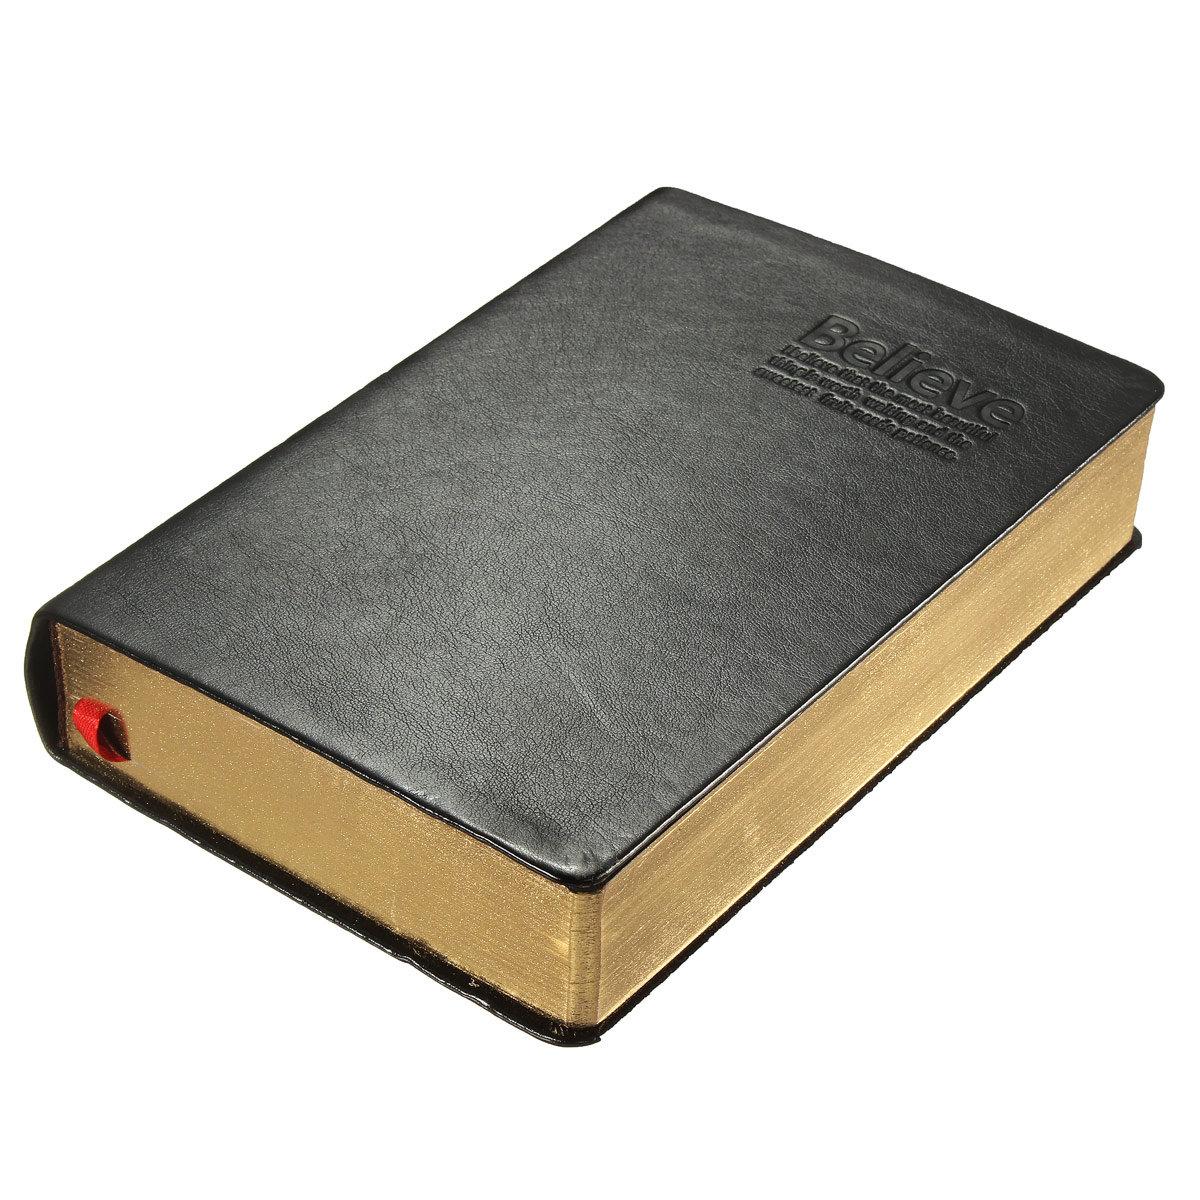 क्लासिक रेट्रो लेदर कवर गोल्डन एज नोटबुक जर्नल डायरी स्केचबुक थिक ब्लैंक पेज